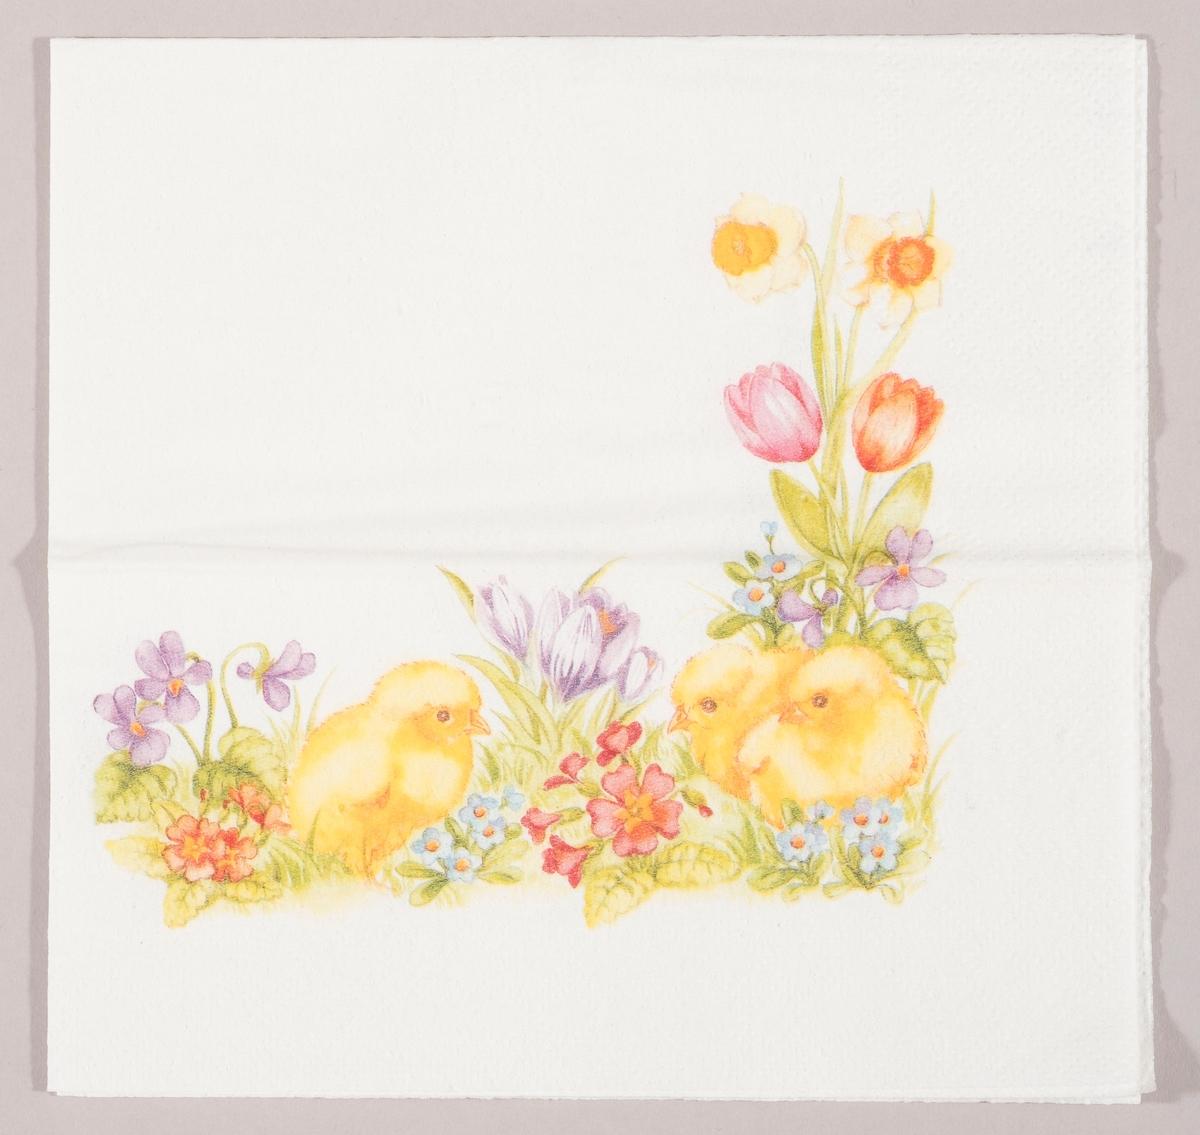 Tre kyllinger i en blomsteeng med påskeliljer, tulipaner og andre vårblomster.